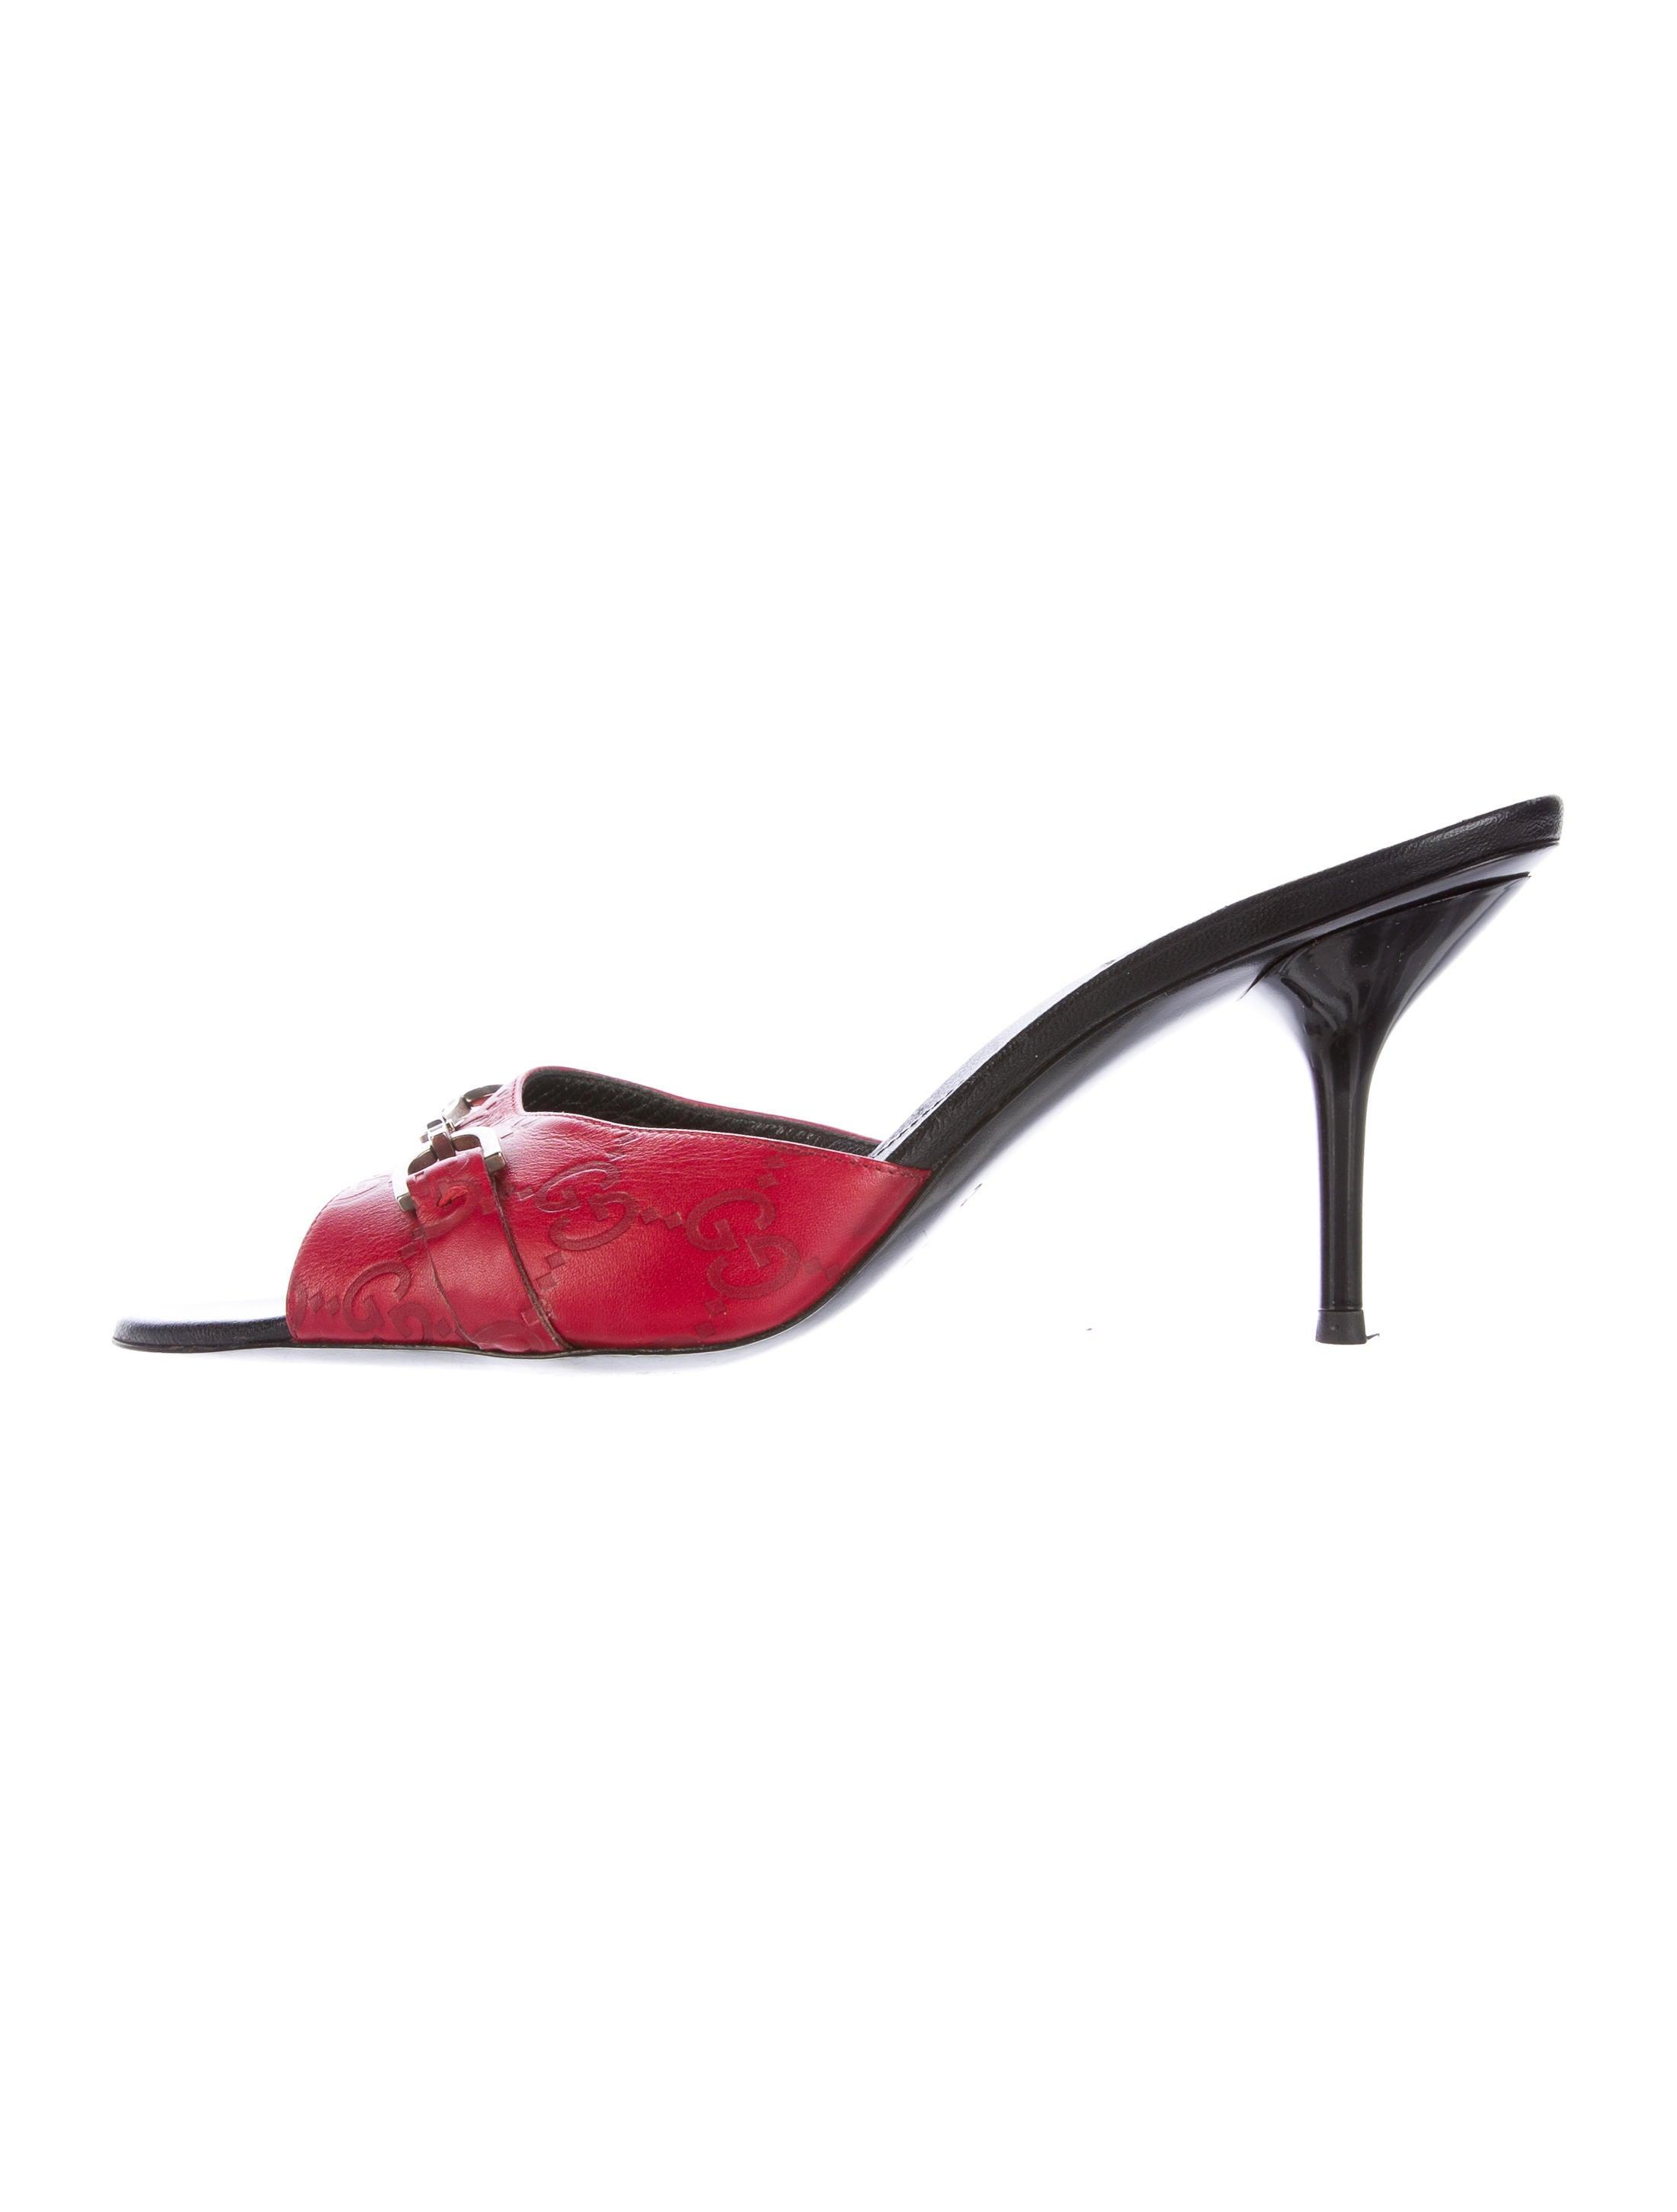 3b6cb03f173d Gucci Leather Horsebit Slide Sandals - Shoes - GUC139457